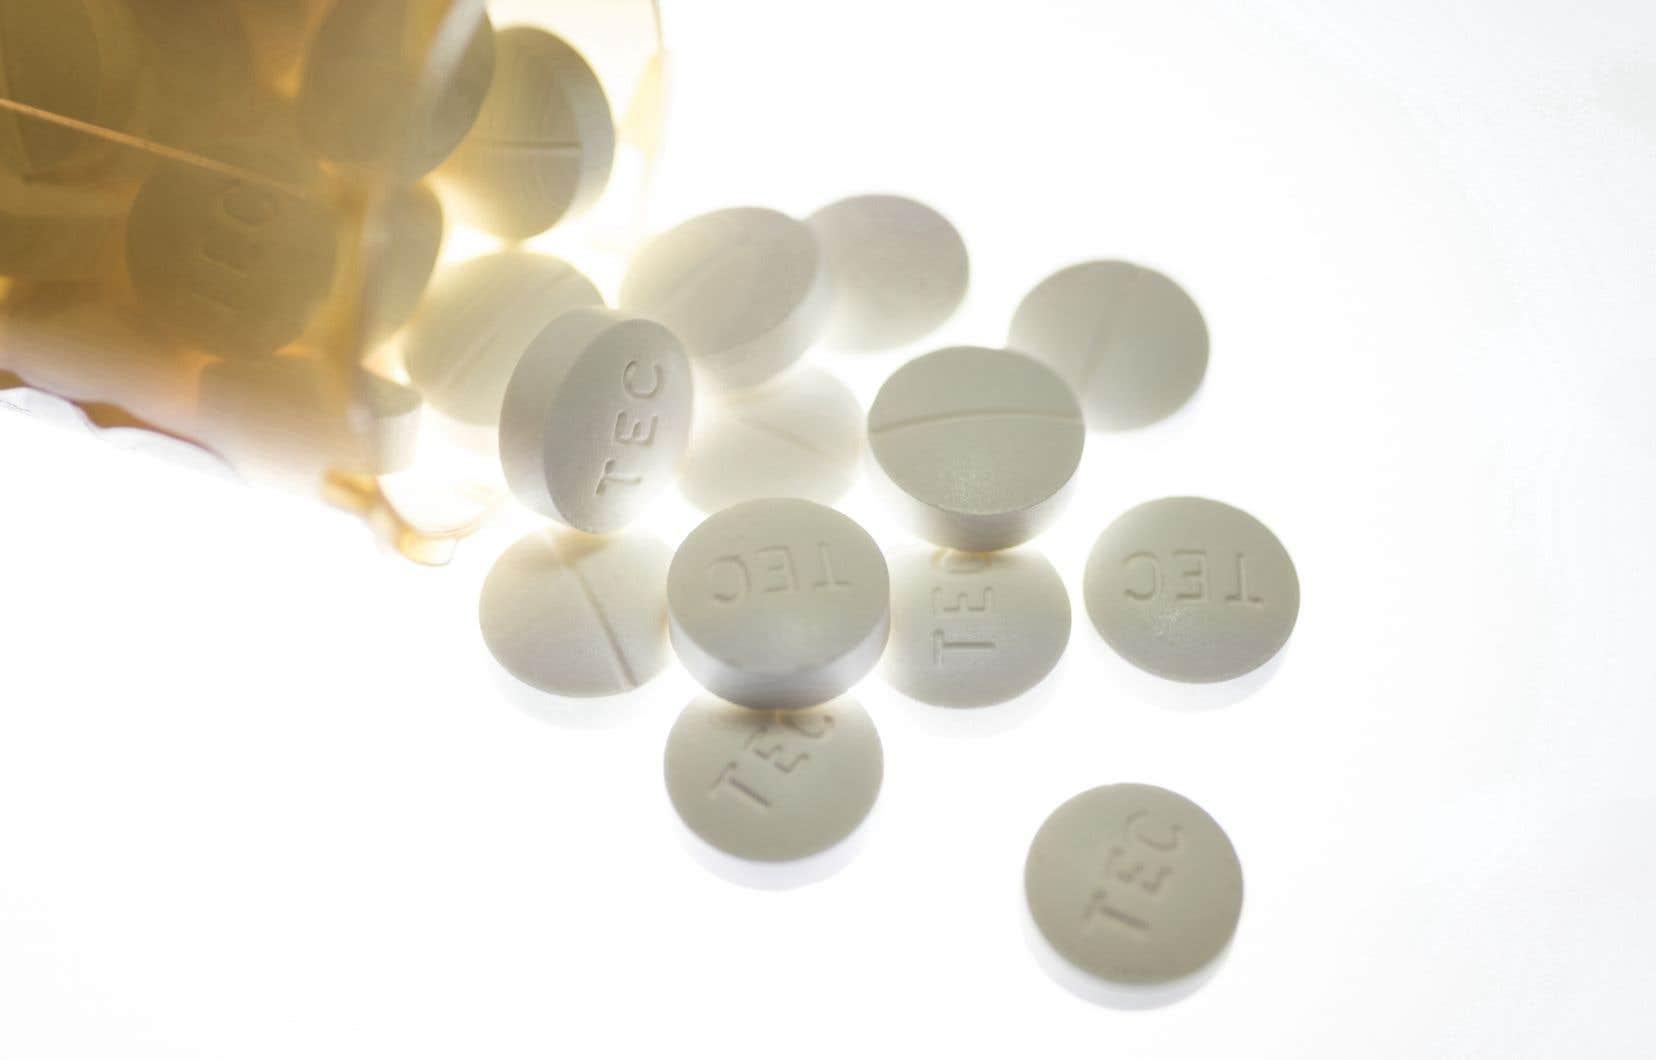 À l'heure actuelle, les prix des médicaments brevetés au Canada sont parmi les plus élevés au monde.